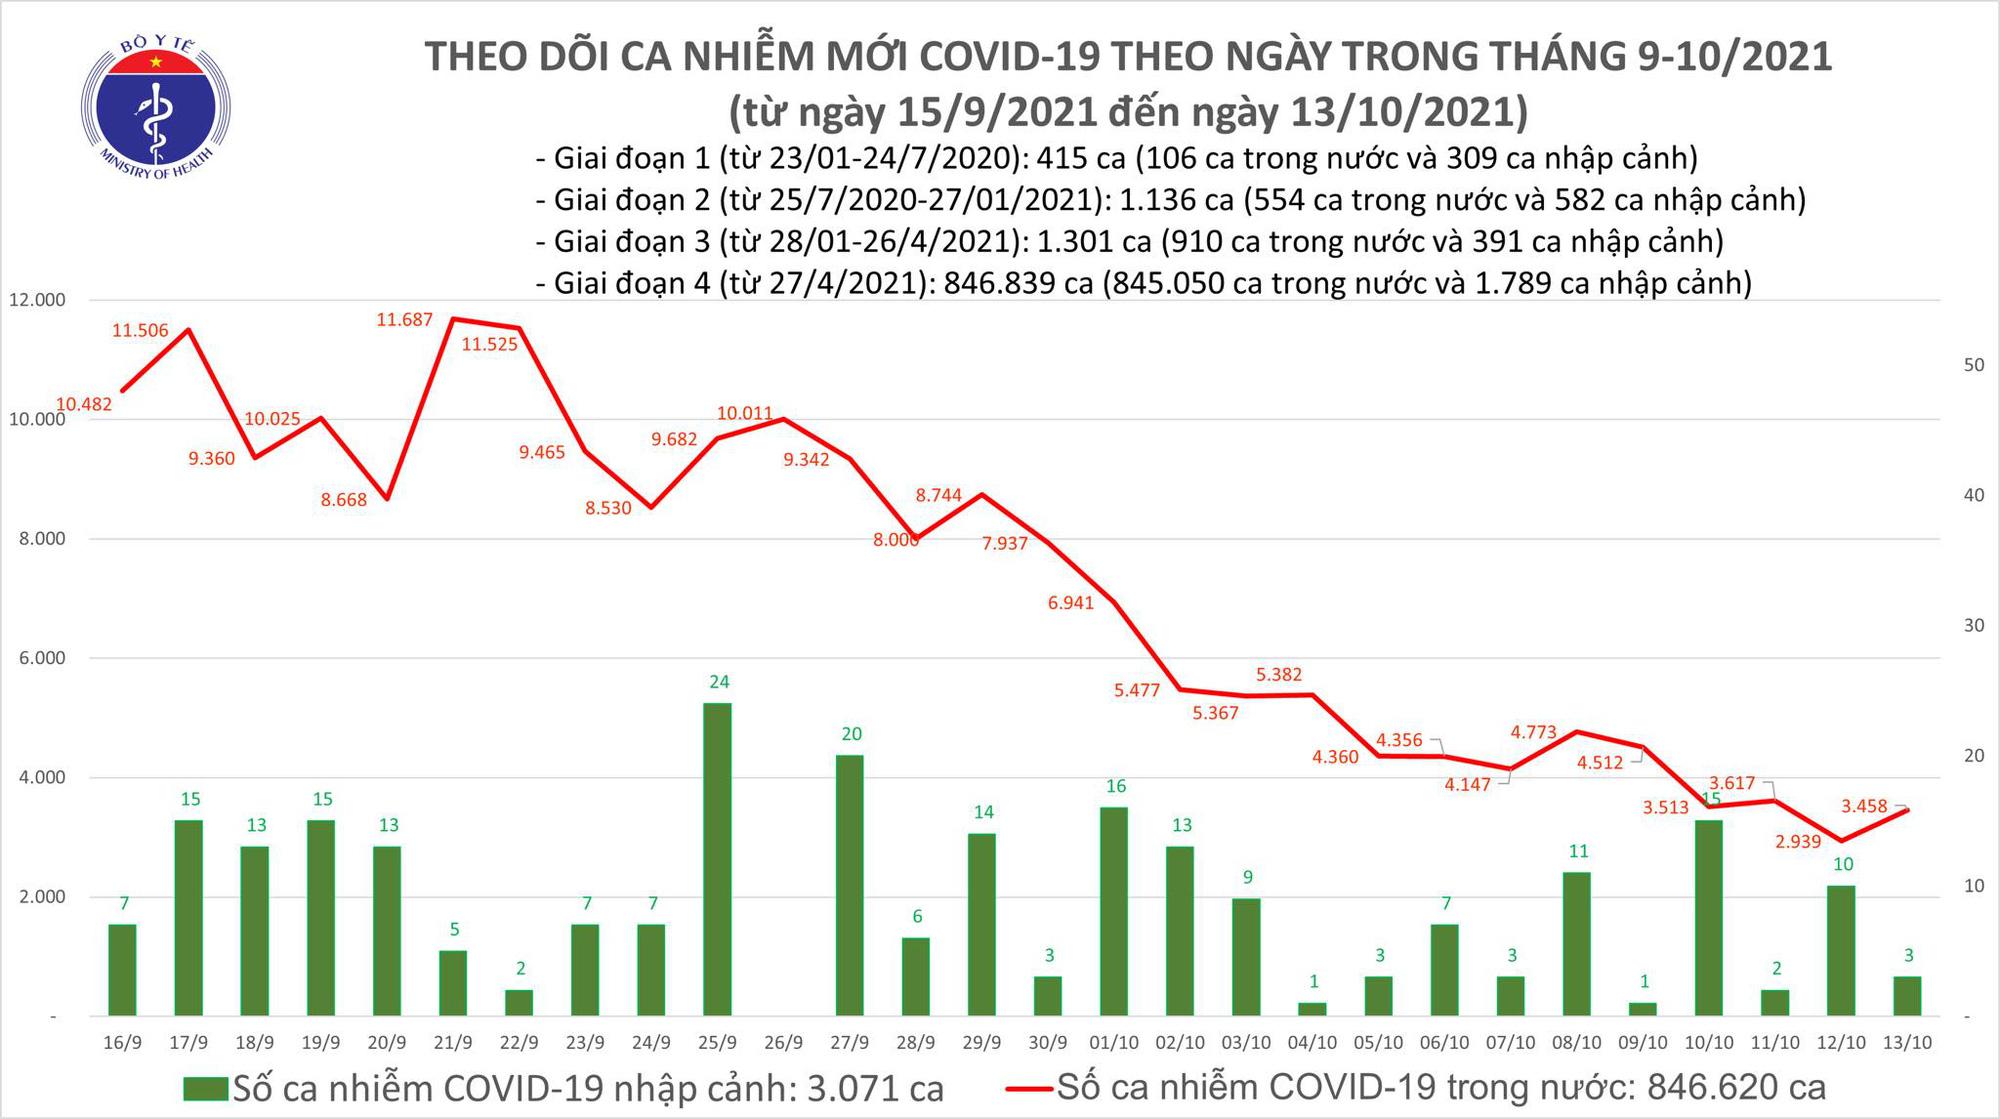 Ngày 13/10: Có 3.458 ca mắc COVID-19 tại TP HCM, Hà Nội và 45 địa phương khác - Ảnh 1.